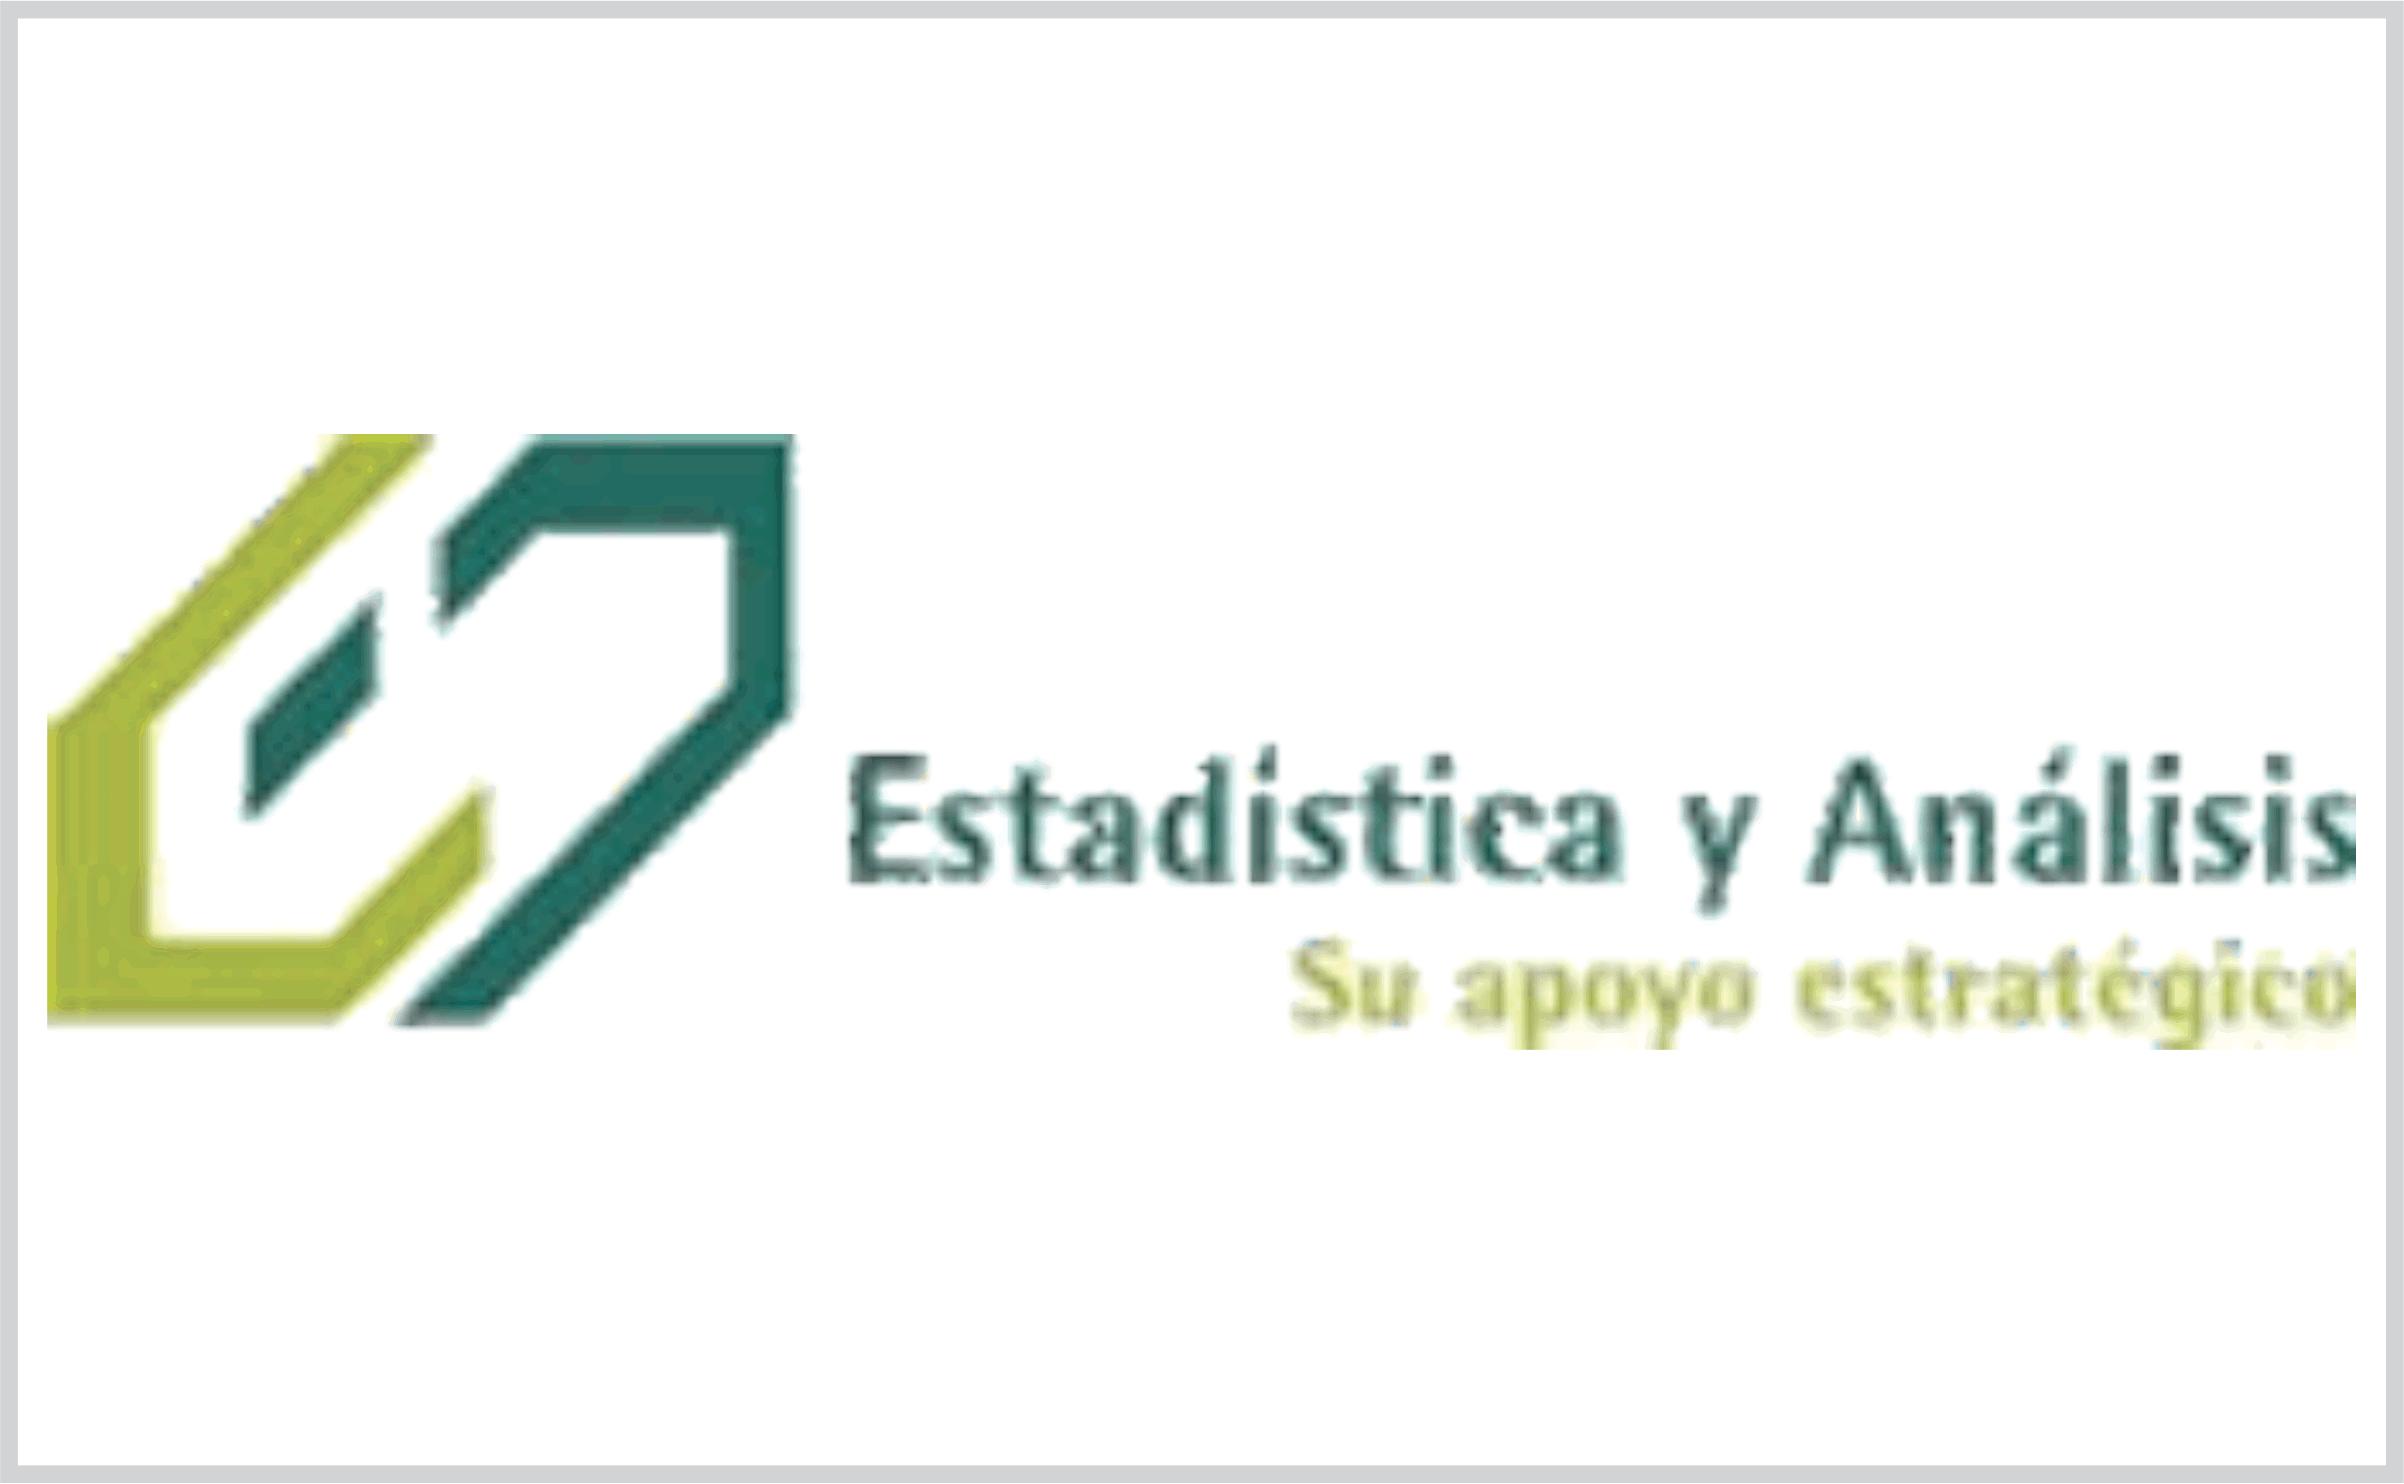 E Y A Estadística Y Análisis Ltda